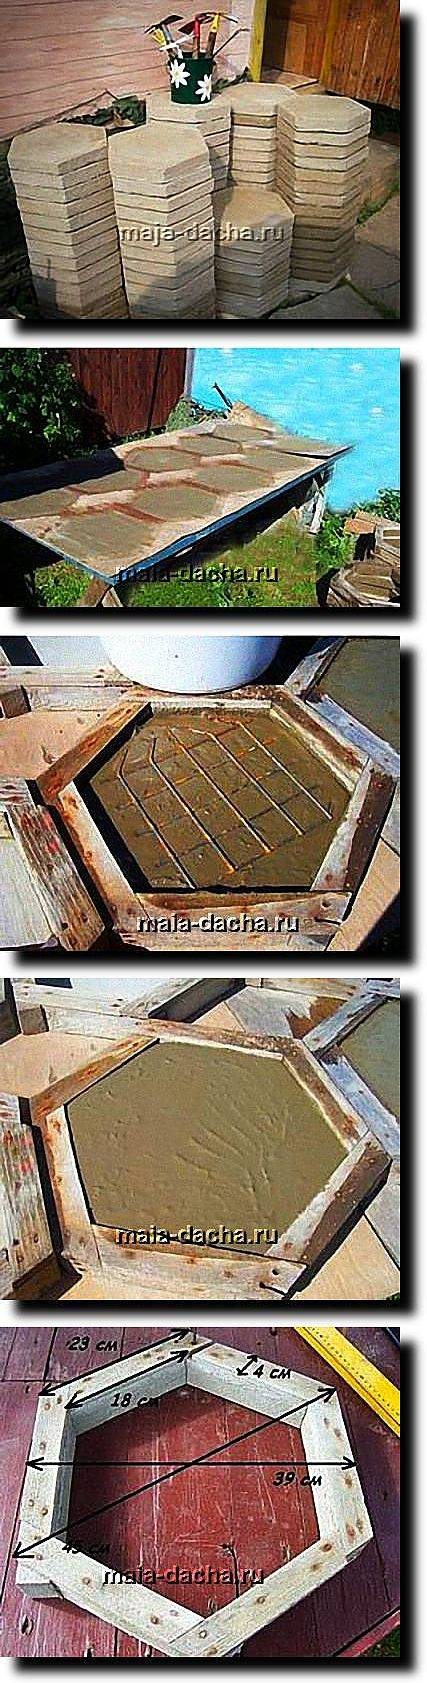 Делаем брусчатку своими руками: пошаговая инструкция по изготовлению